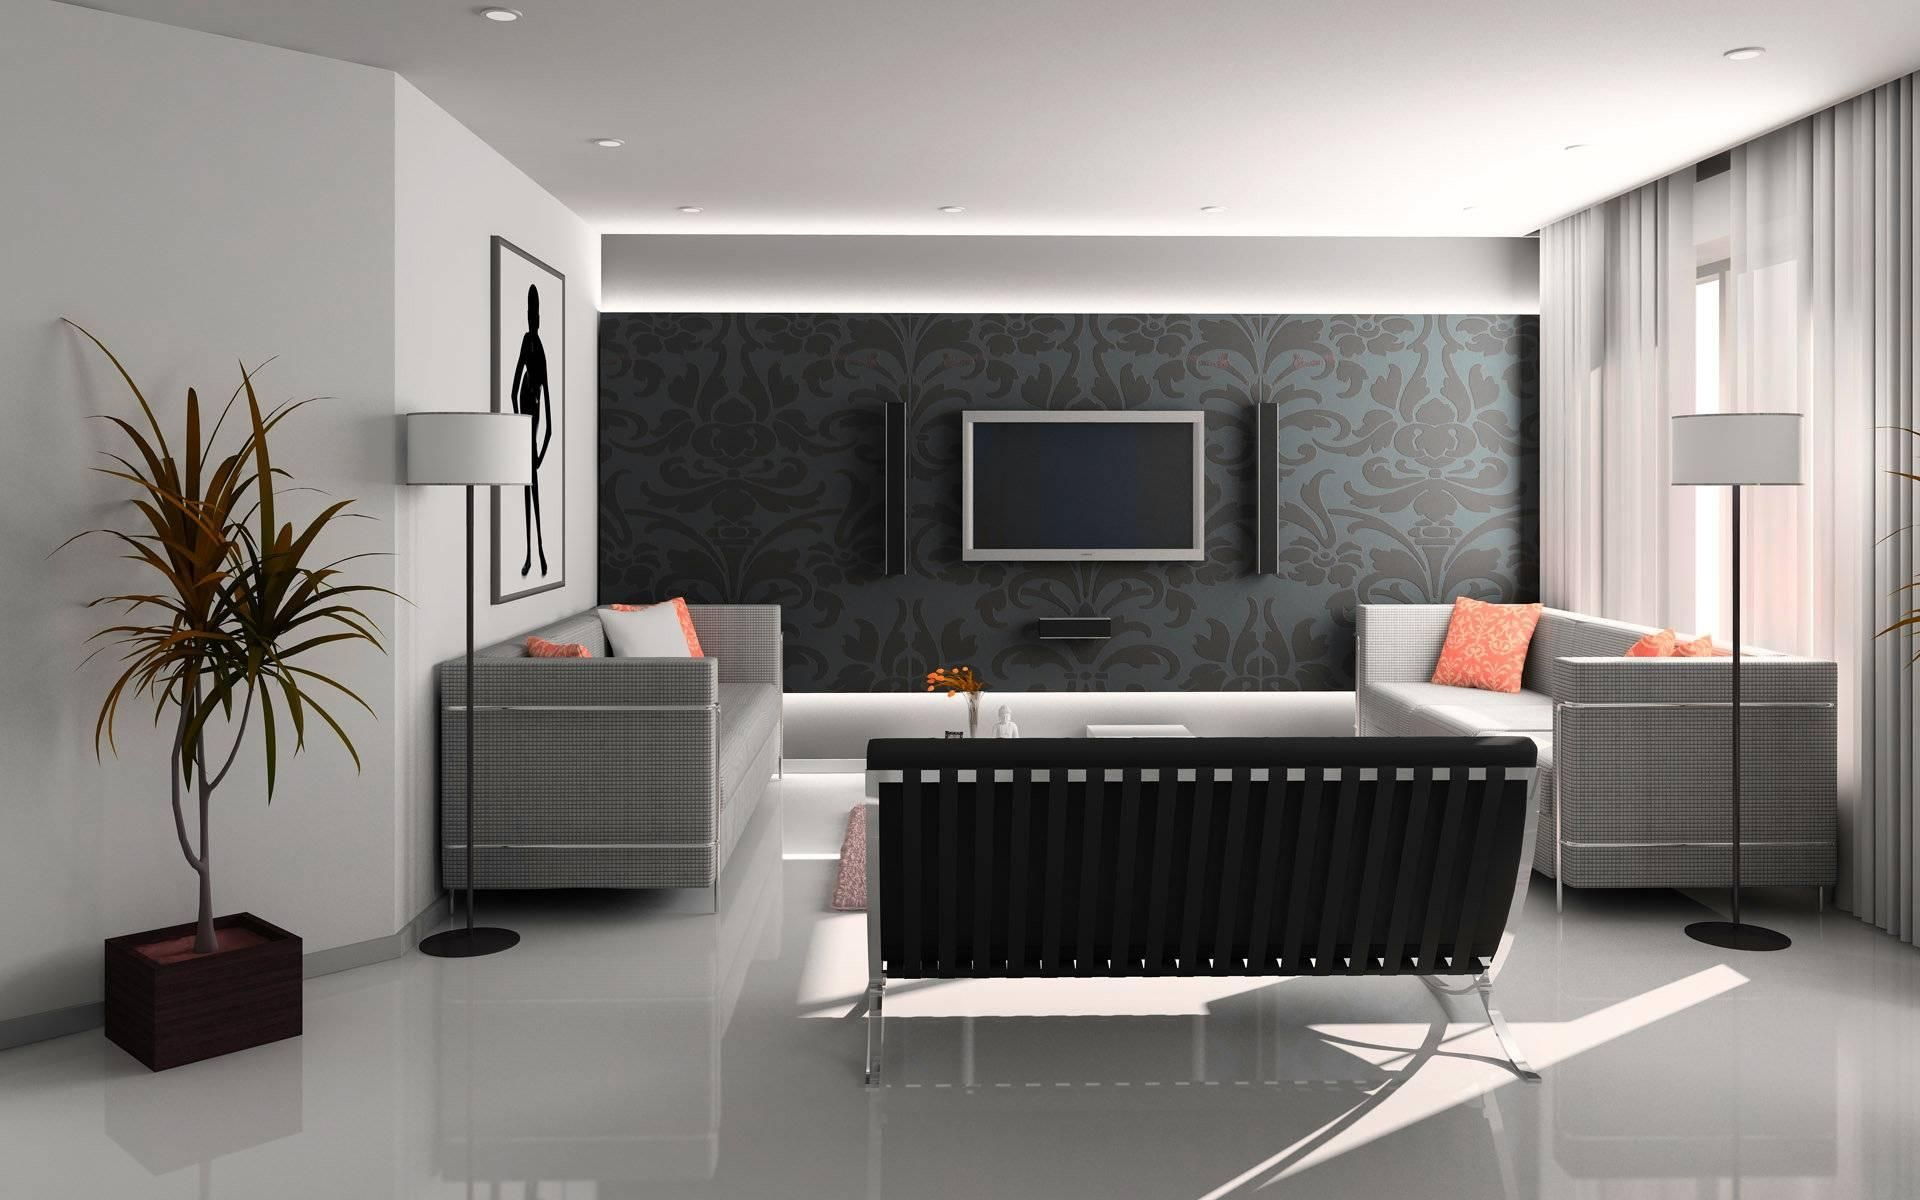 Wandgestaltung Ideen Farbe Wohnzimmer 3 Licht Pinterest